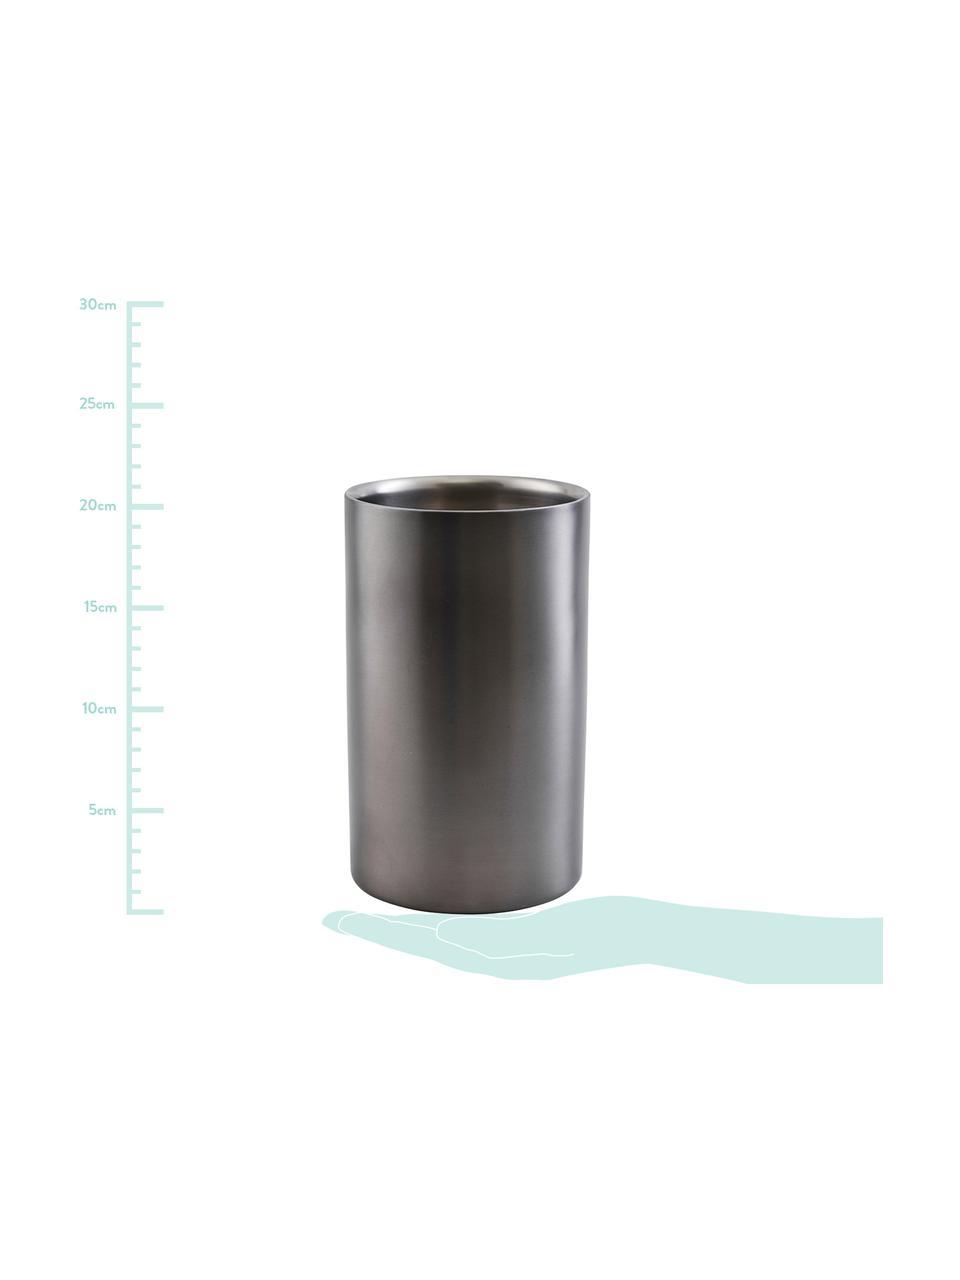 Flaschenkühler Gunmetal in Anthrazit, matt, Edelstahl, beschichtet, Anthrazit, Ø 12 x H 20 cm